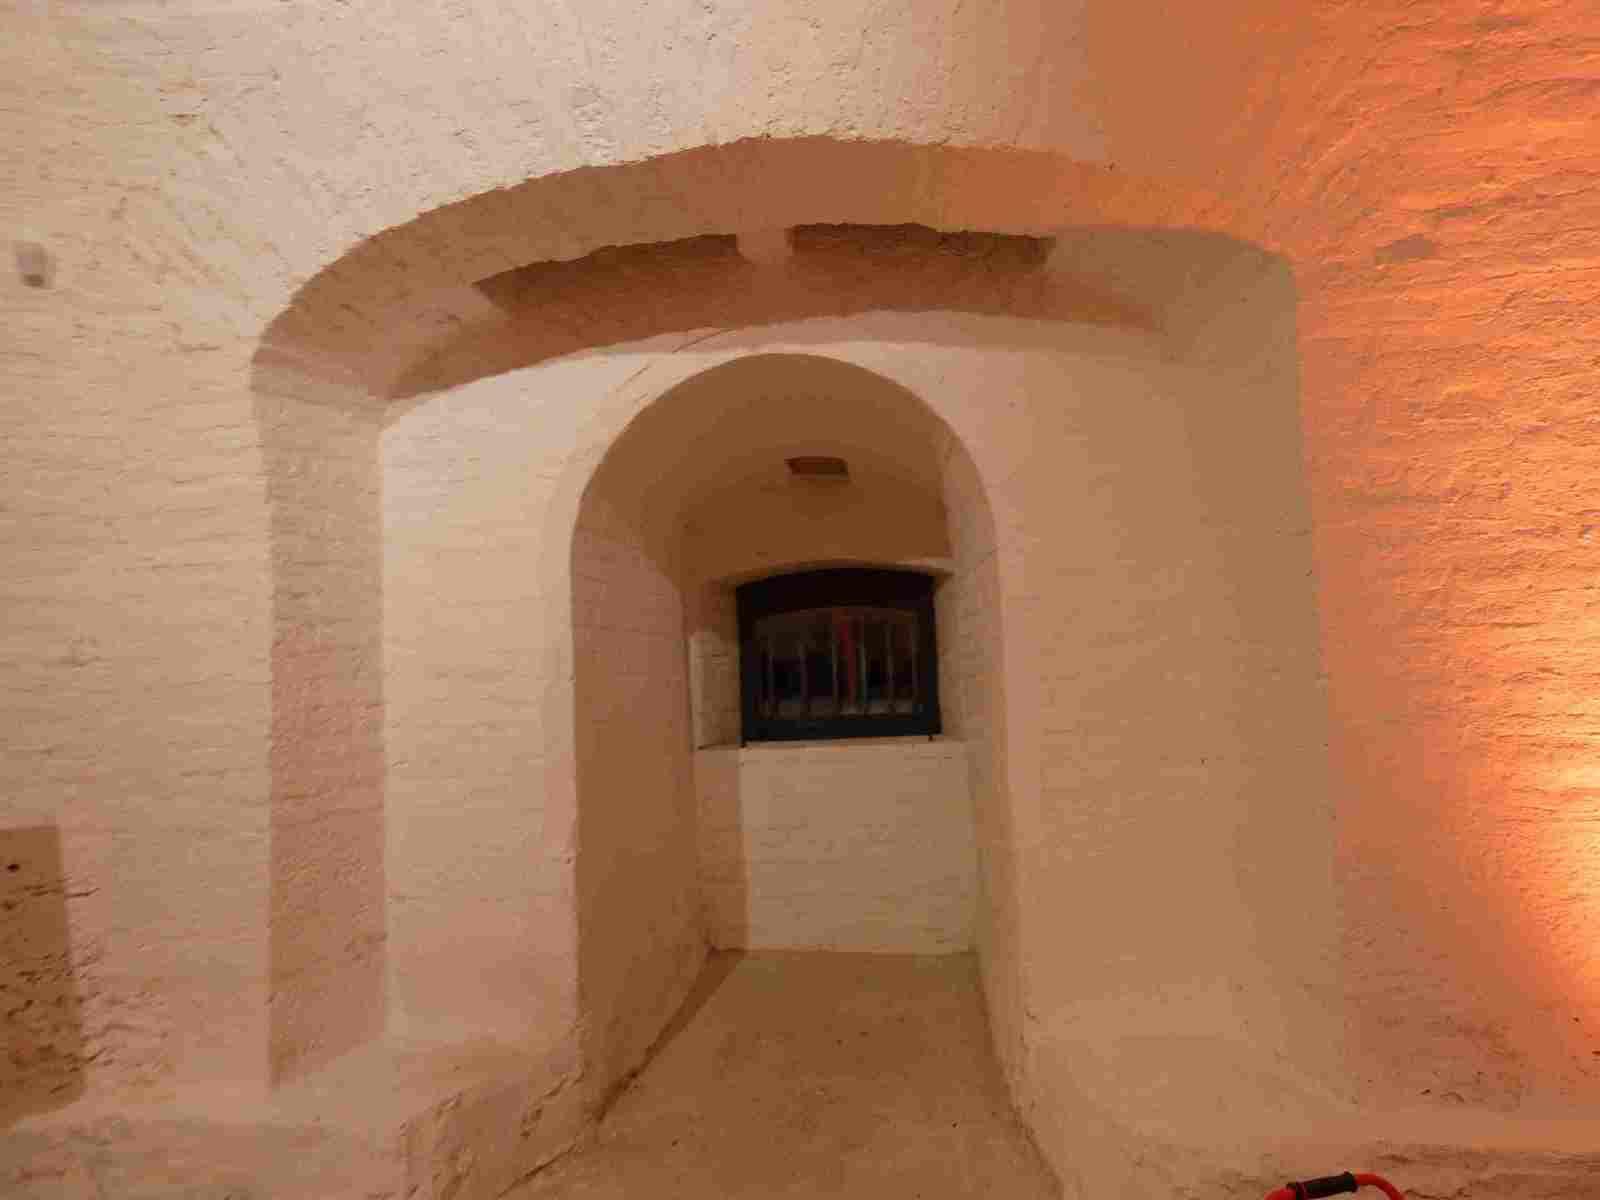 Tout y est  y compris le côté pratique avec l'adaptation des lieux aux personnes à mobilité réduite par une porte creusée dans les fortifications pour permettre l'accès de plein pied et les toilettes adaptées.